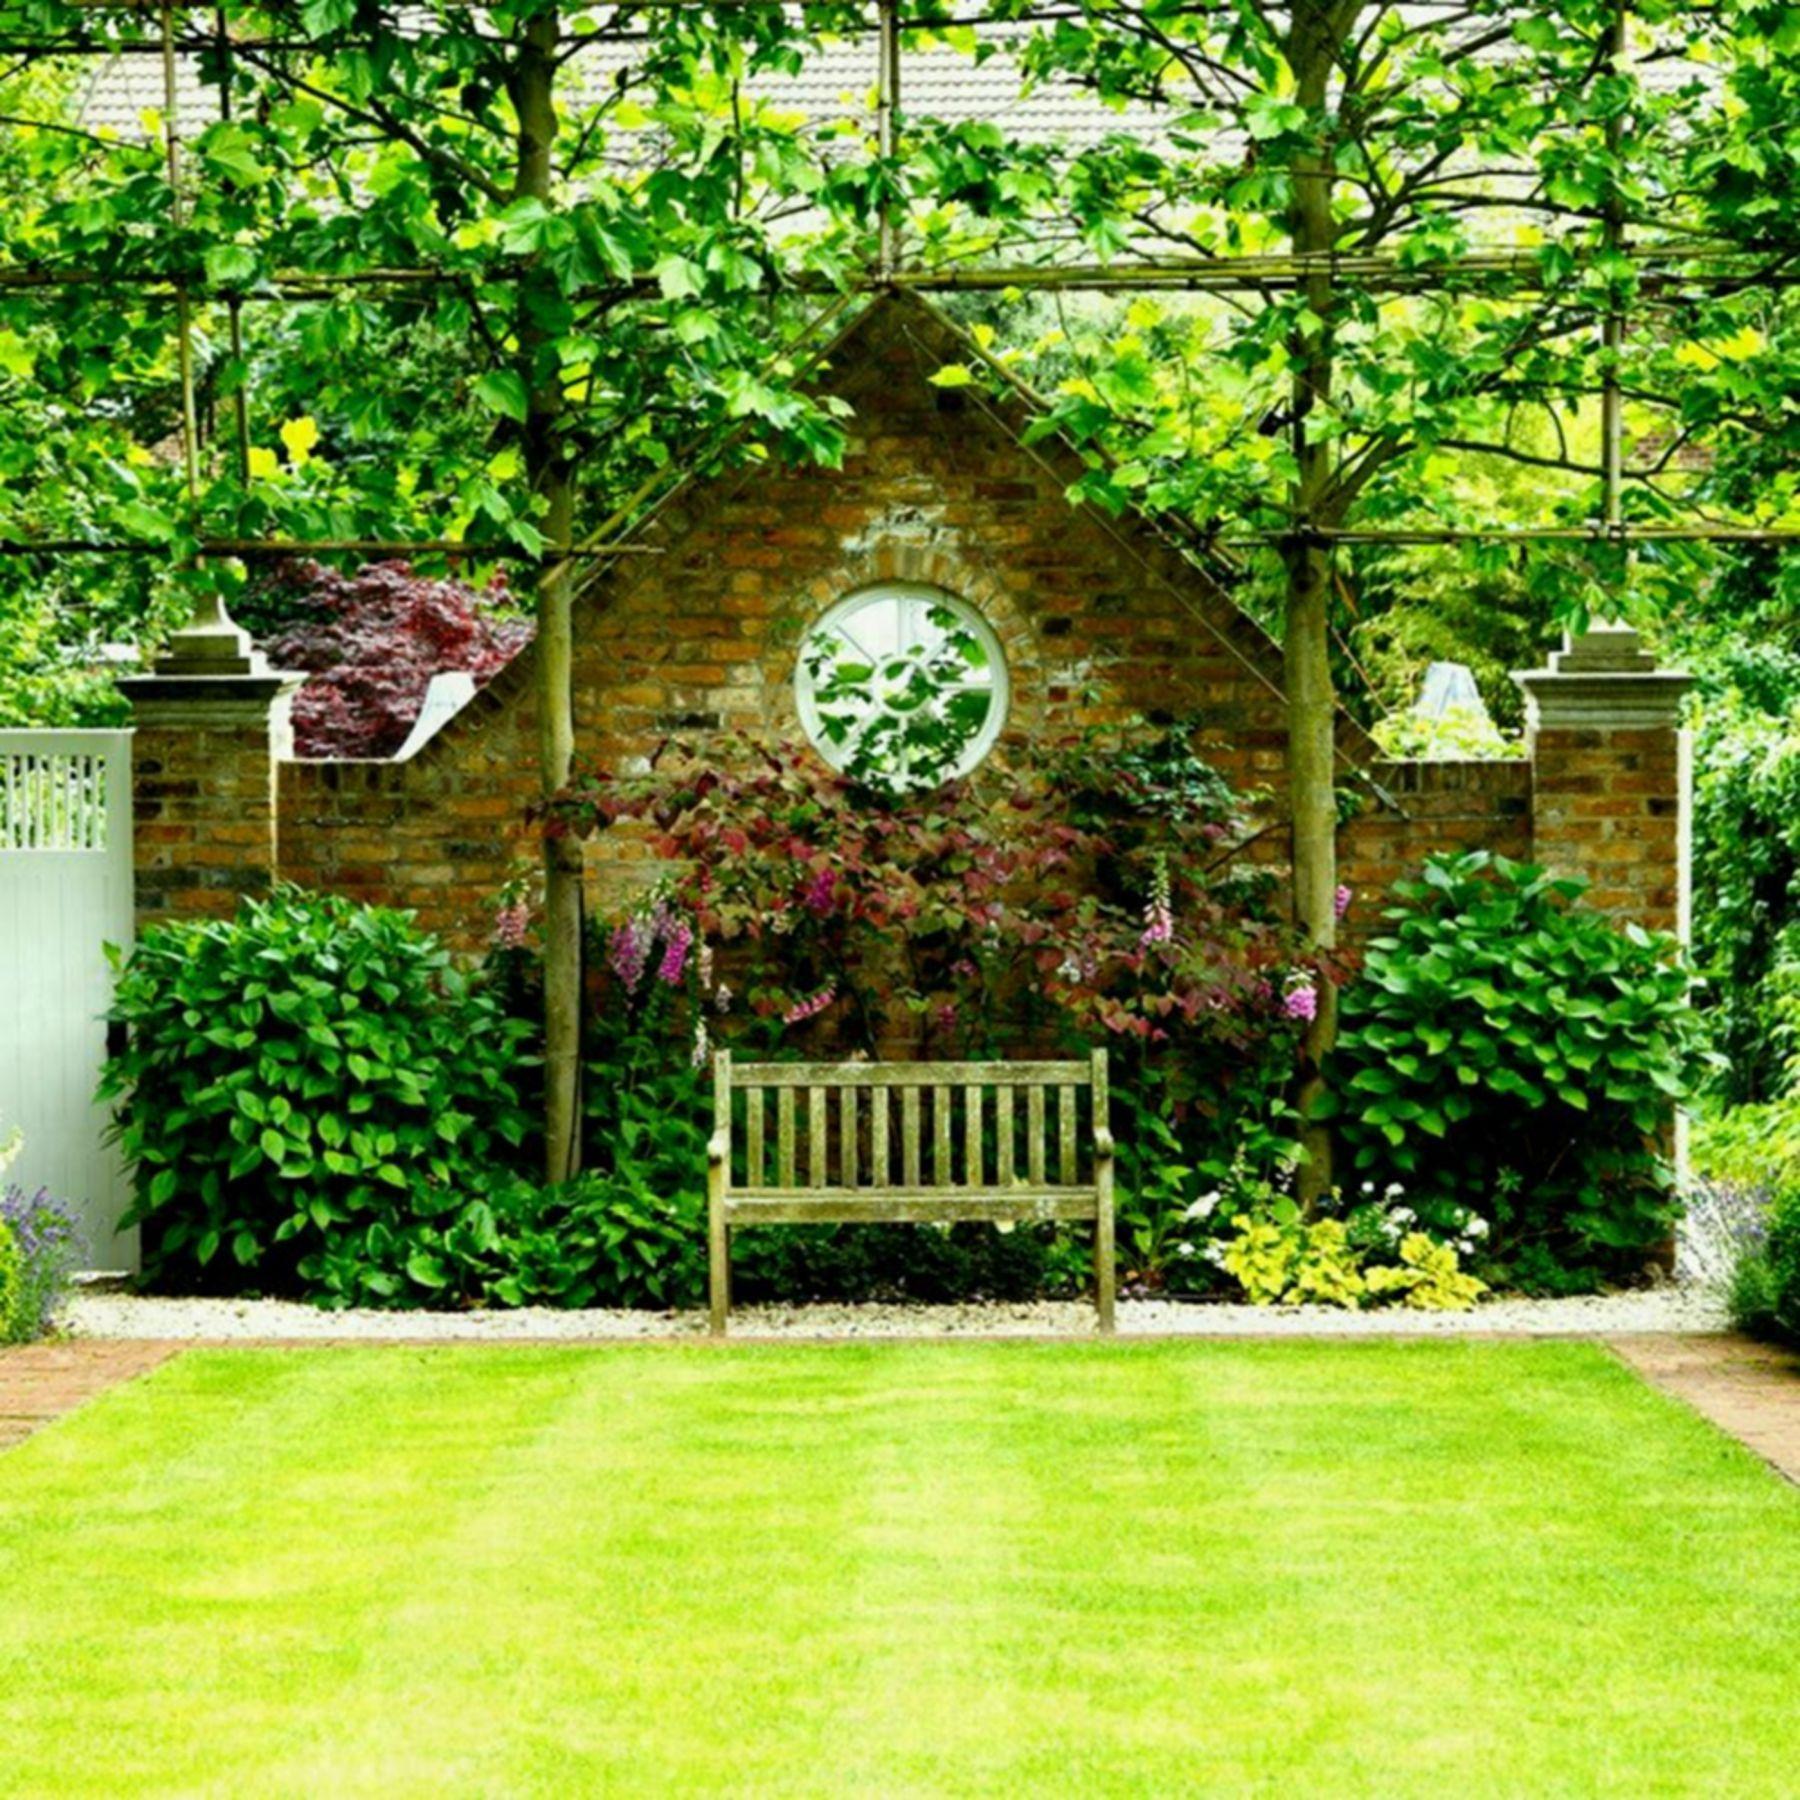 8 Best Small Cottage Gardens Design Ideas For Small Landscaping Gardendesign Smallcottageg In 2020 Minimalist Garden Cottage Garden Design English Garden Design